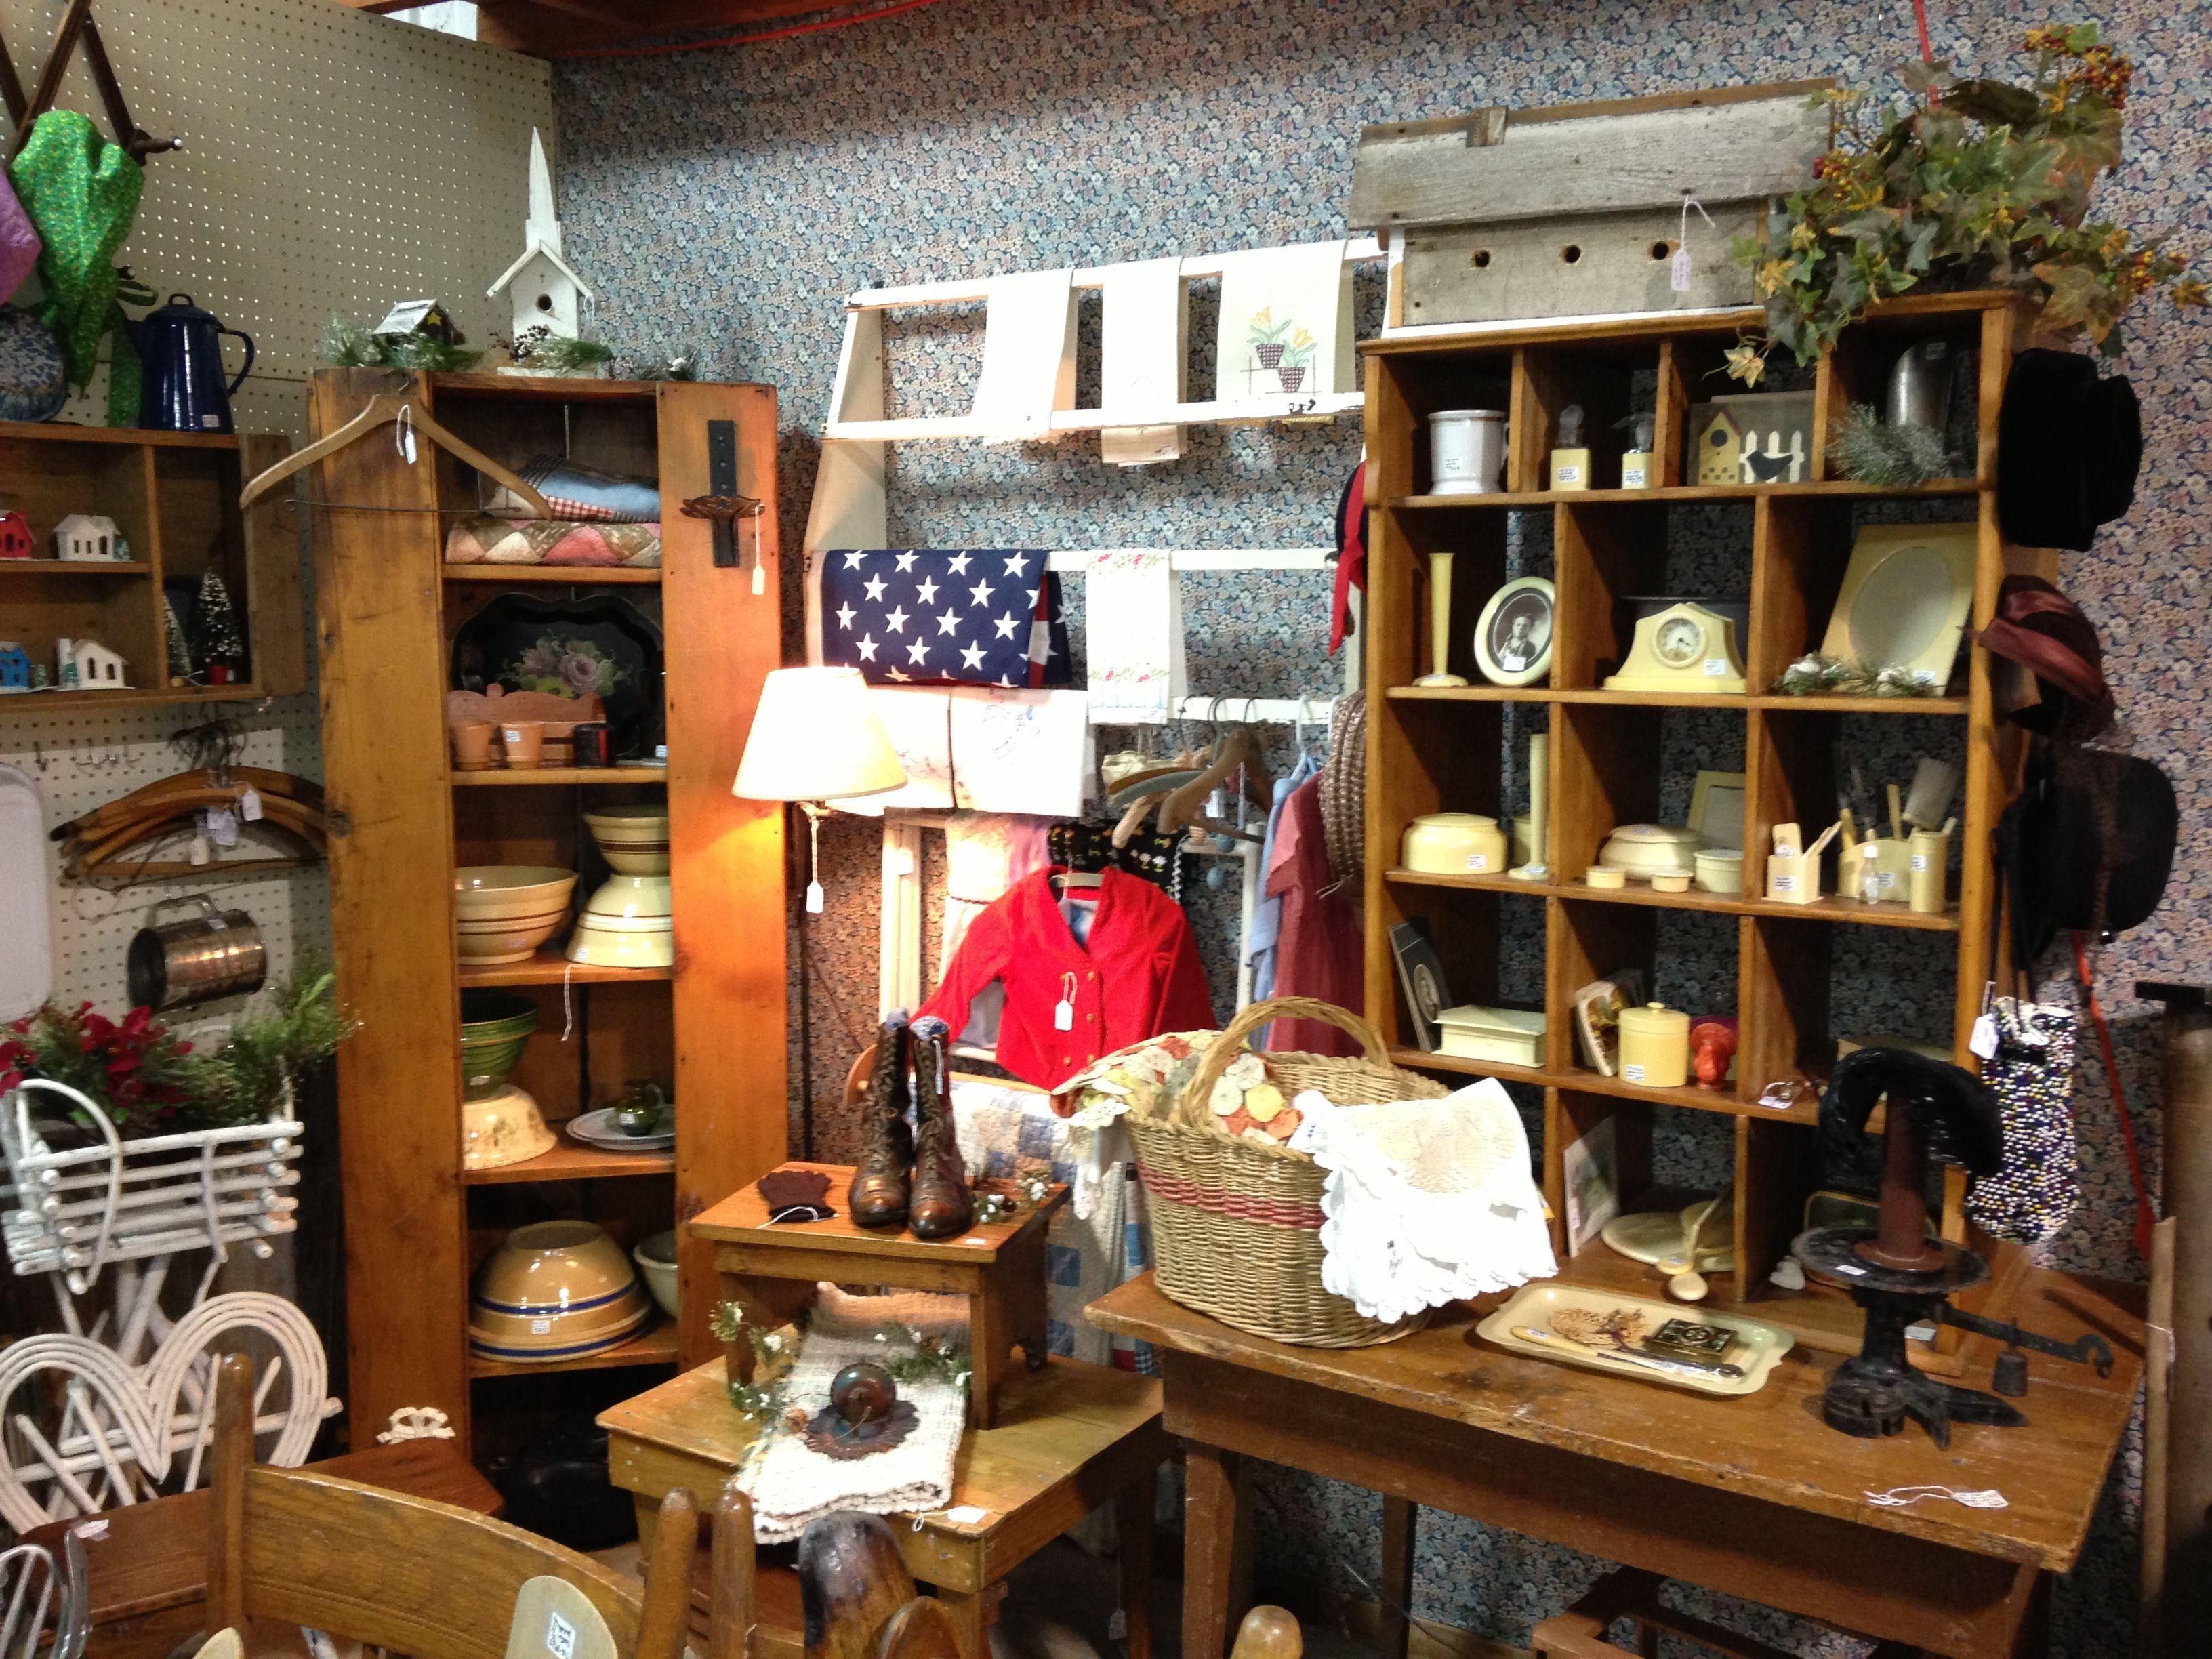 antique stores peoria il Antique booth at Pleasant Hill Antique Mall in East Peoria, Il  antique stores peoria il